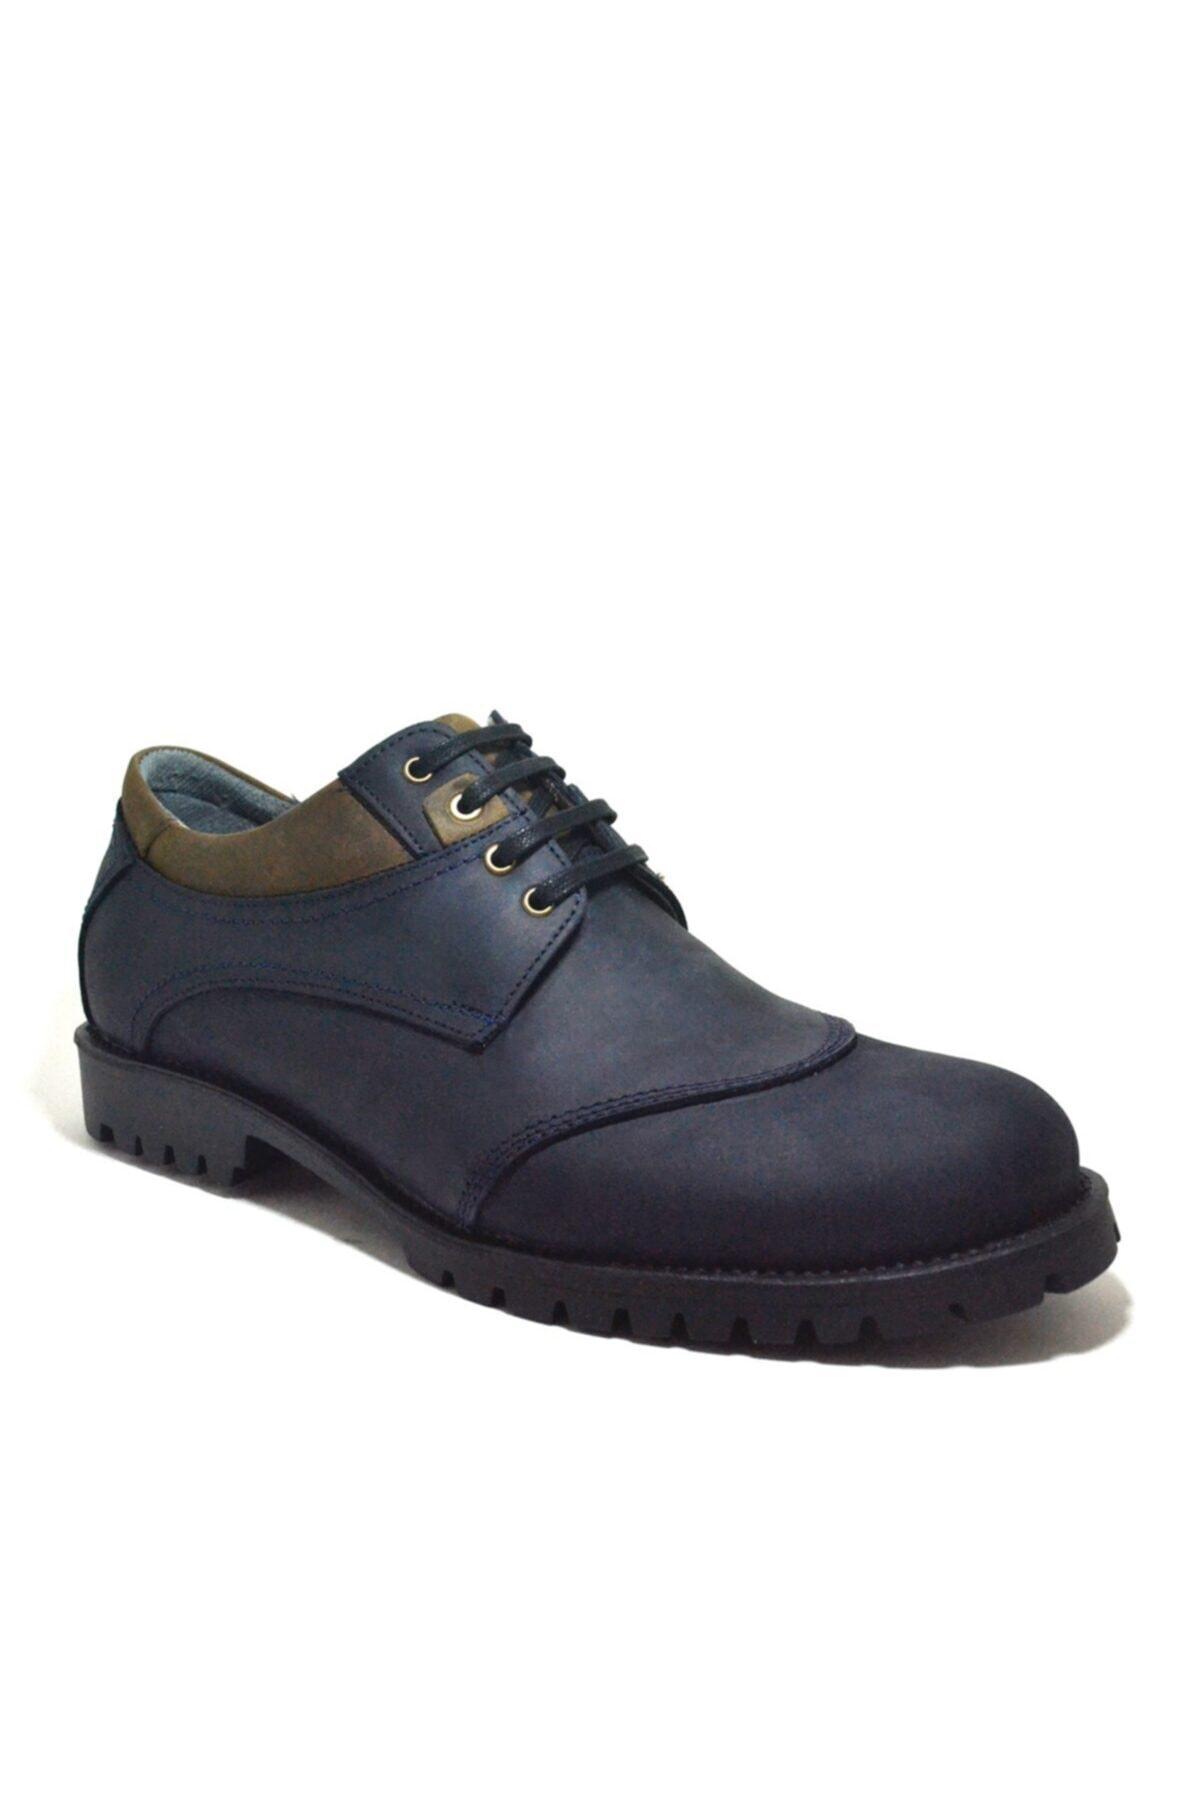 Tardelli Hakiki Deri Nubuk Büyük Numara Erkek Ayakkabı 1